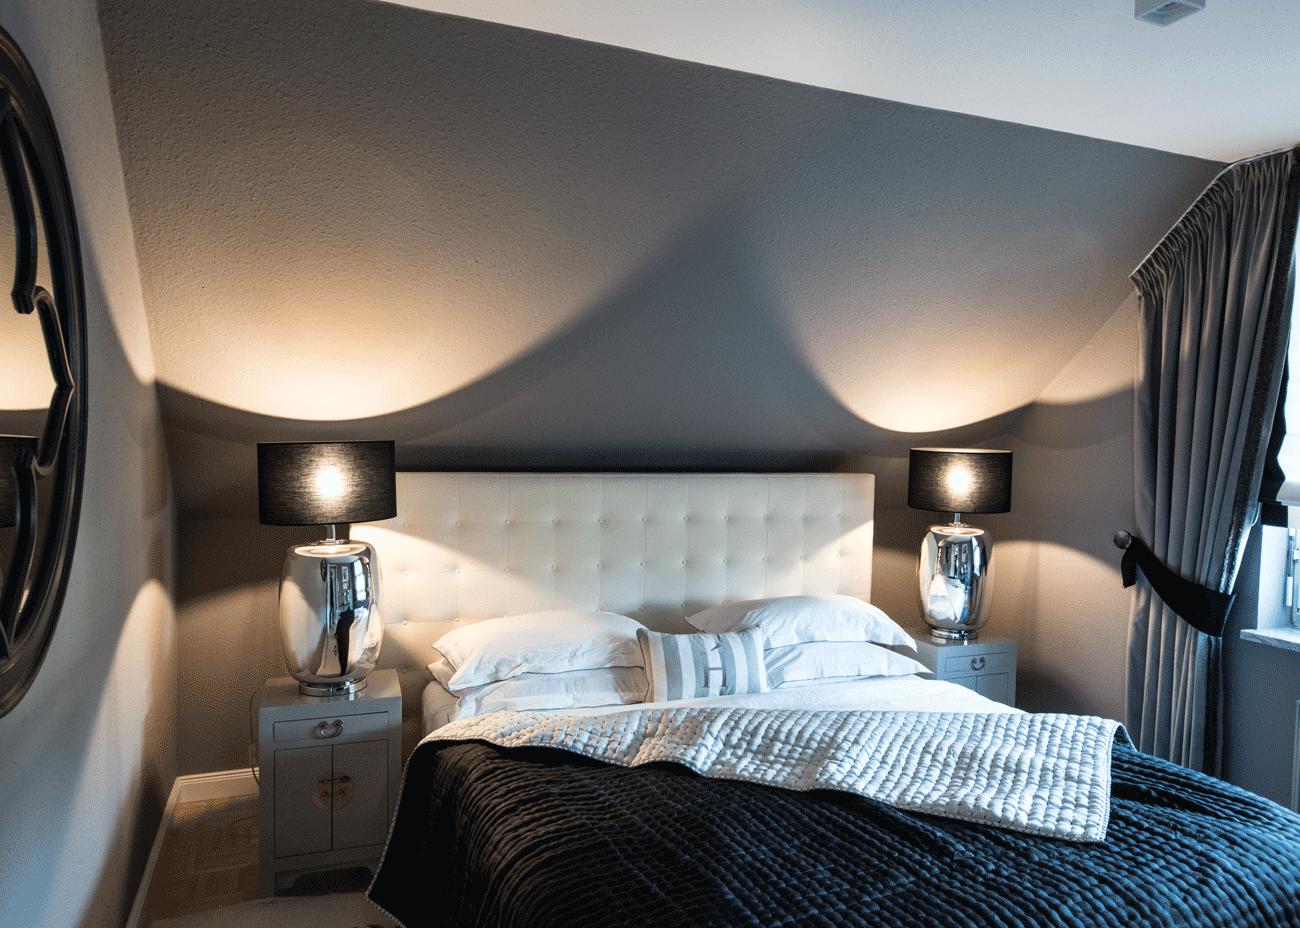 Wohnung renovieren schlafzimmer bett weiss dunkle wandfarbe leuchten schwarz